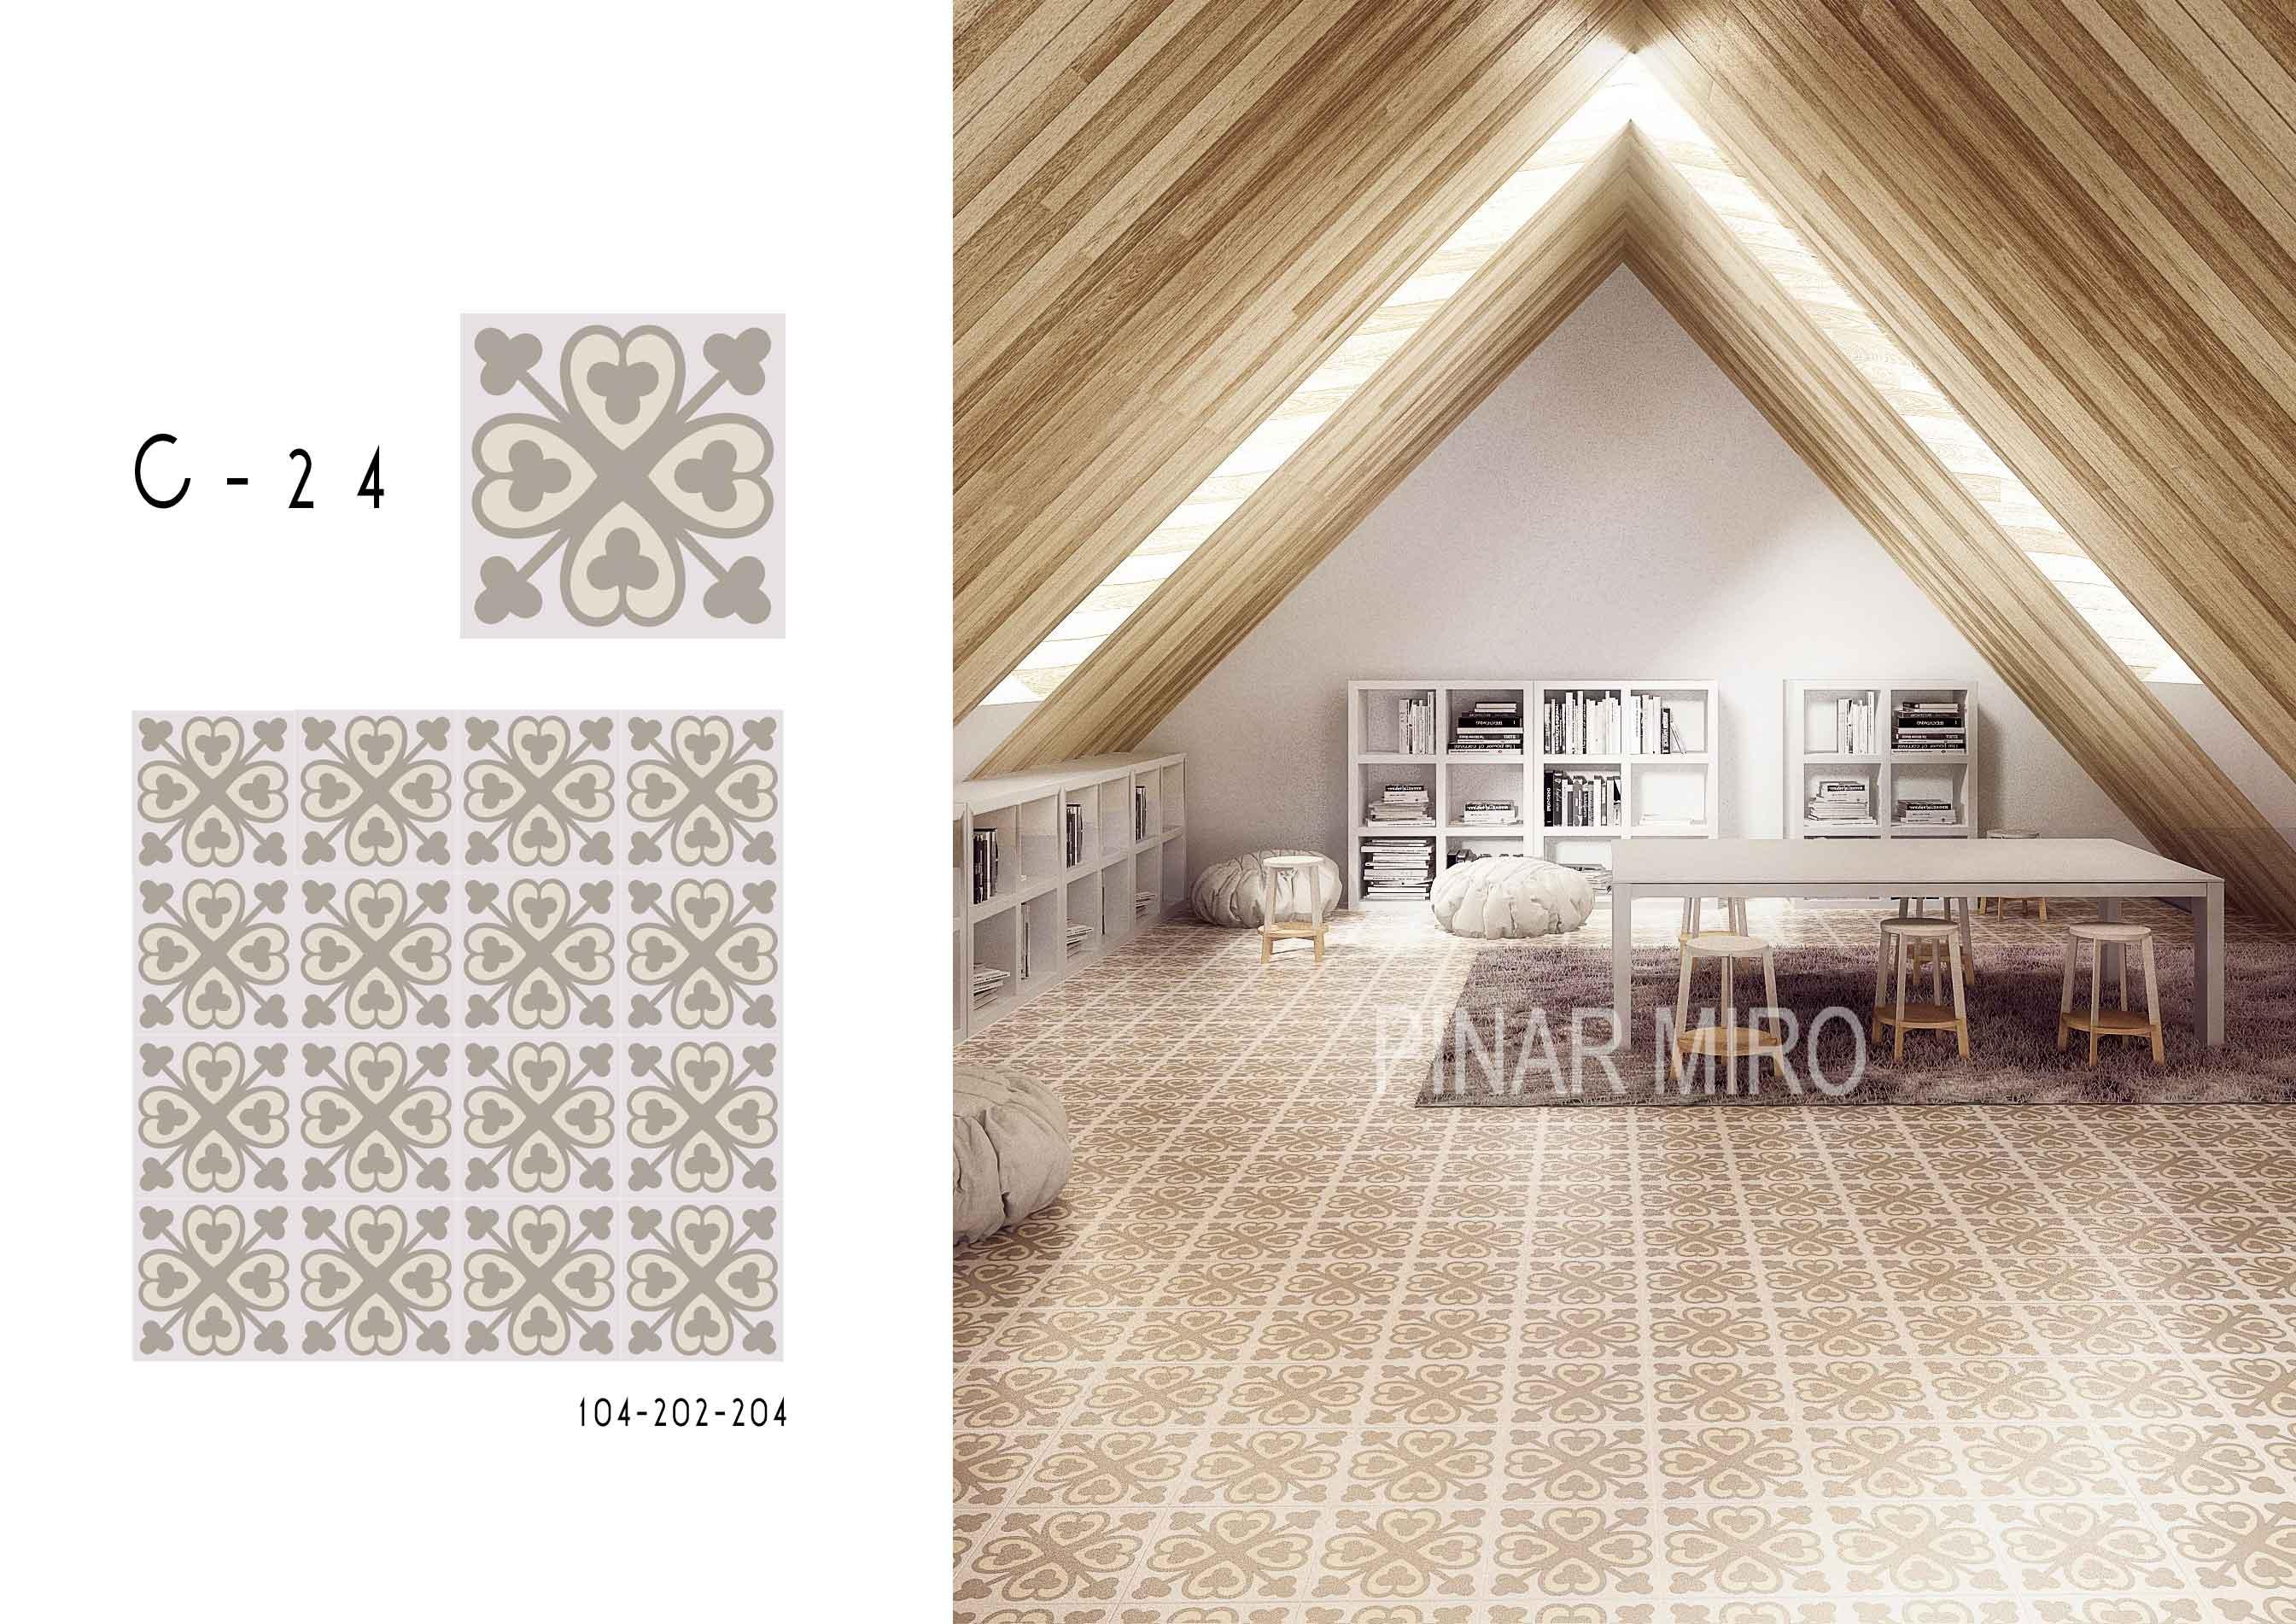 2-c024-pinar-miro-cement-tiles